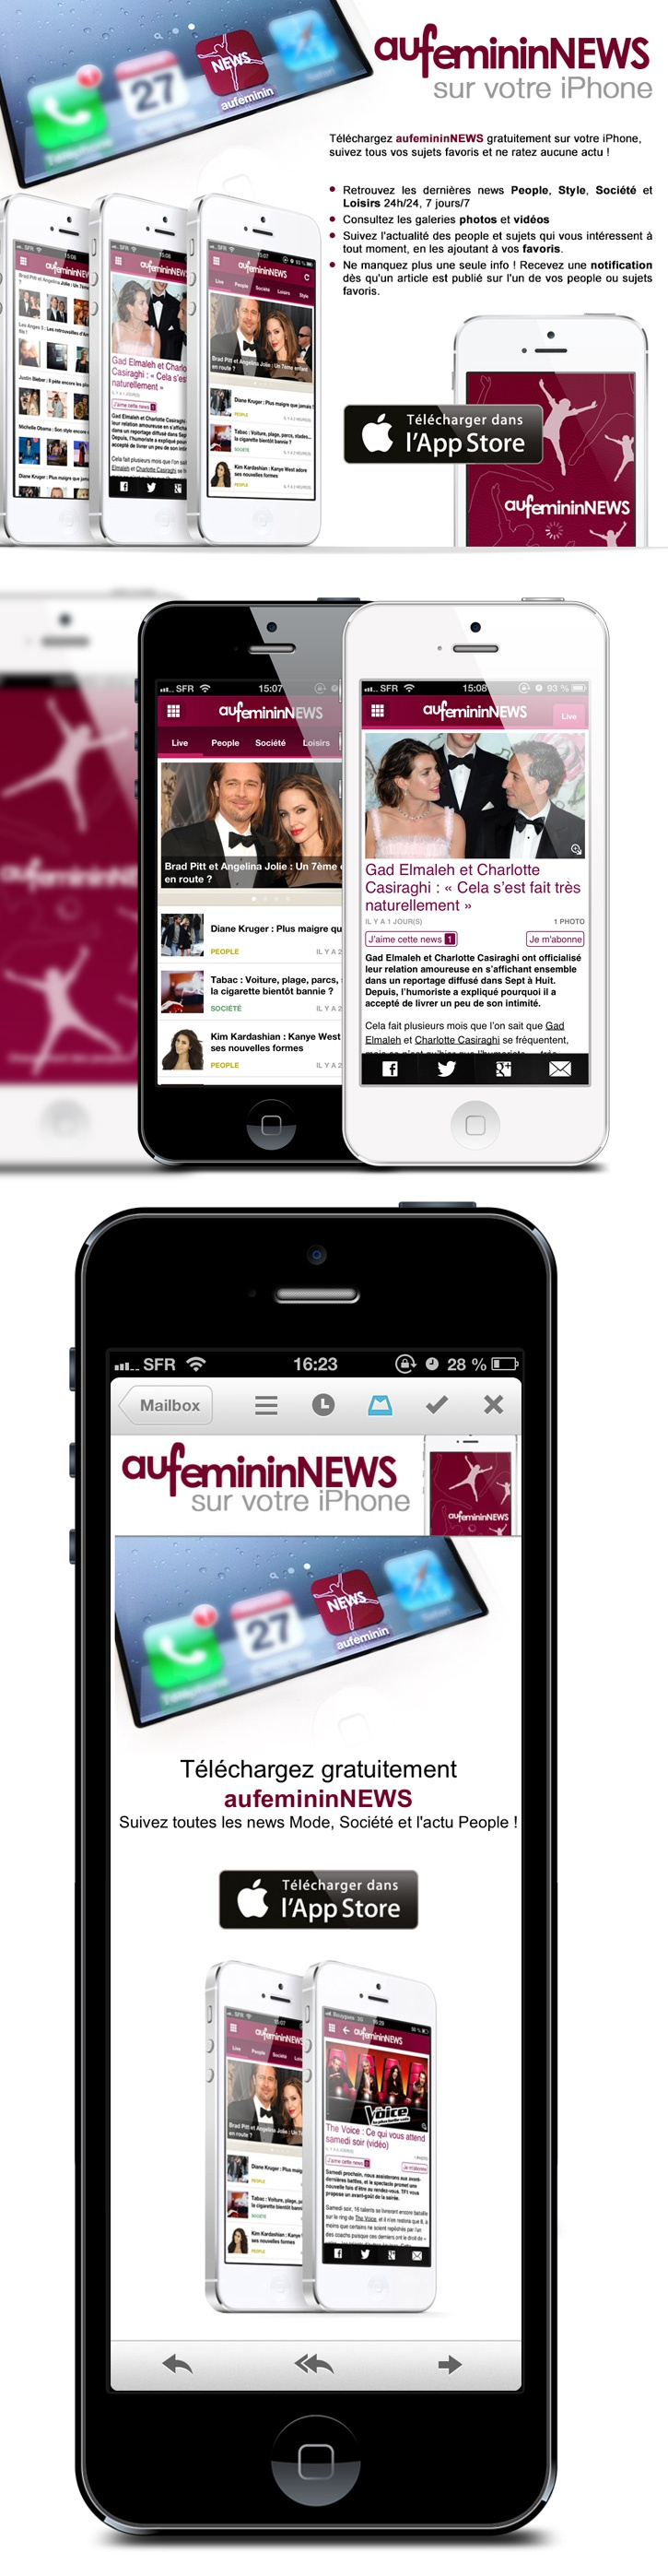 Aufeminin news ios